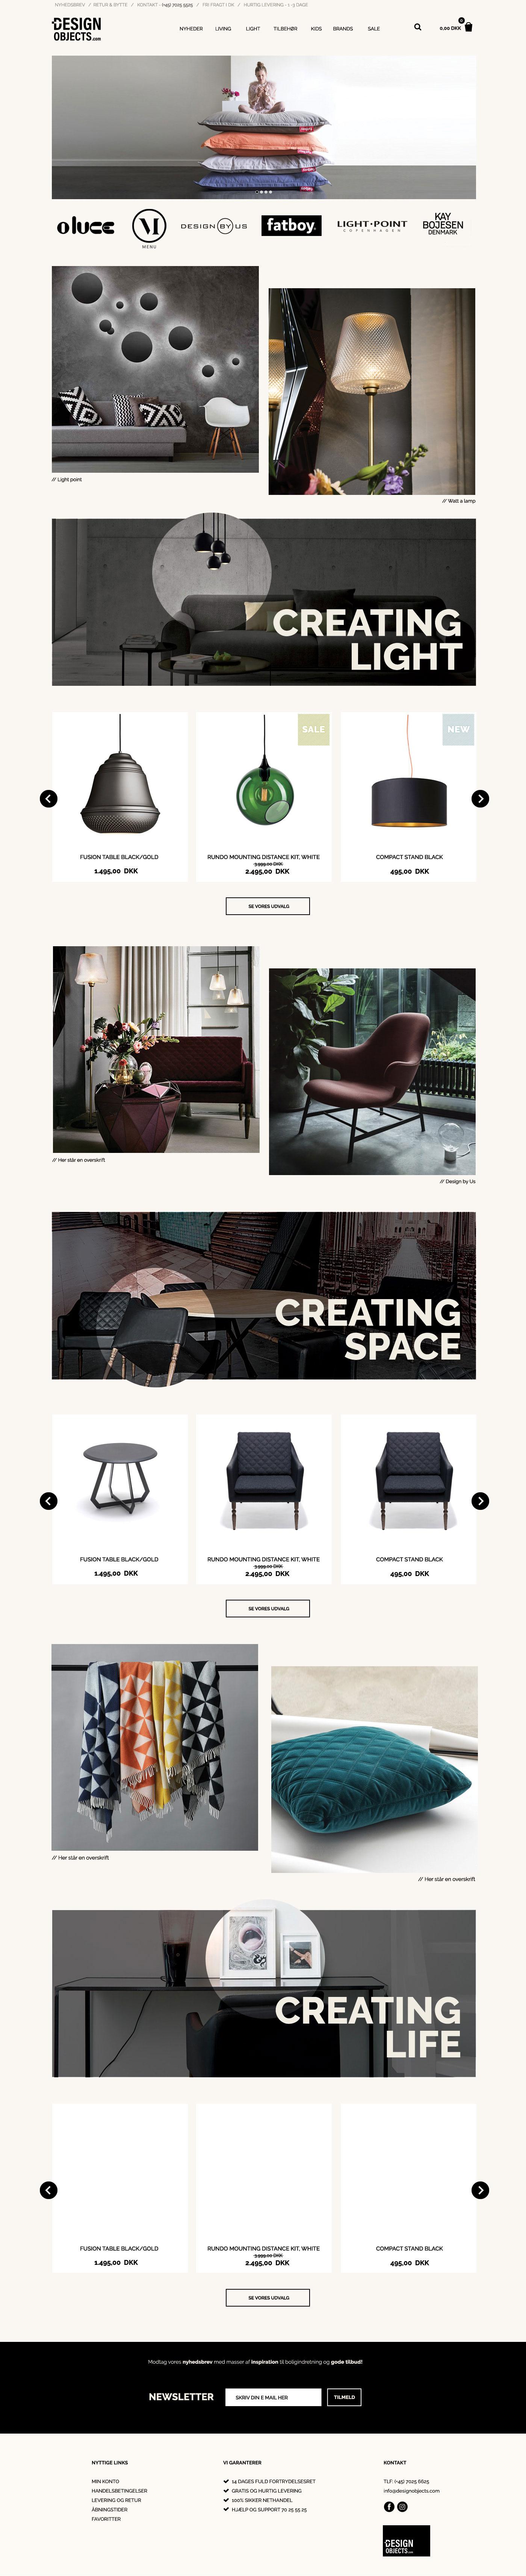 design_objeckt